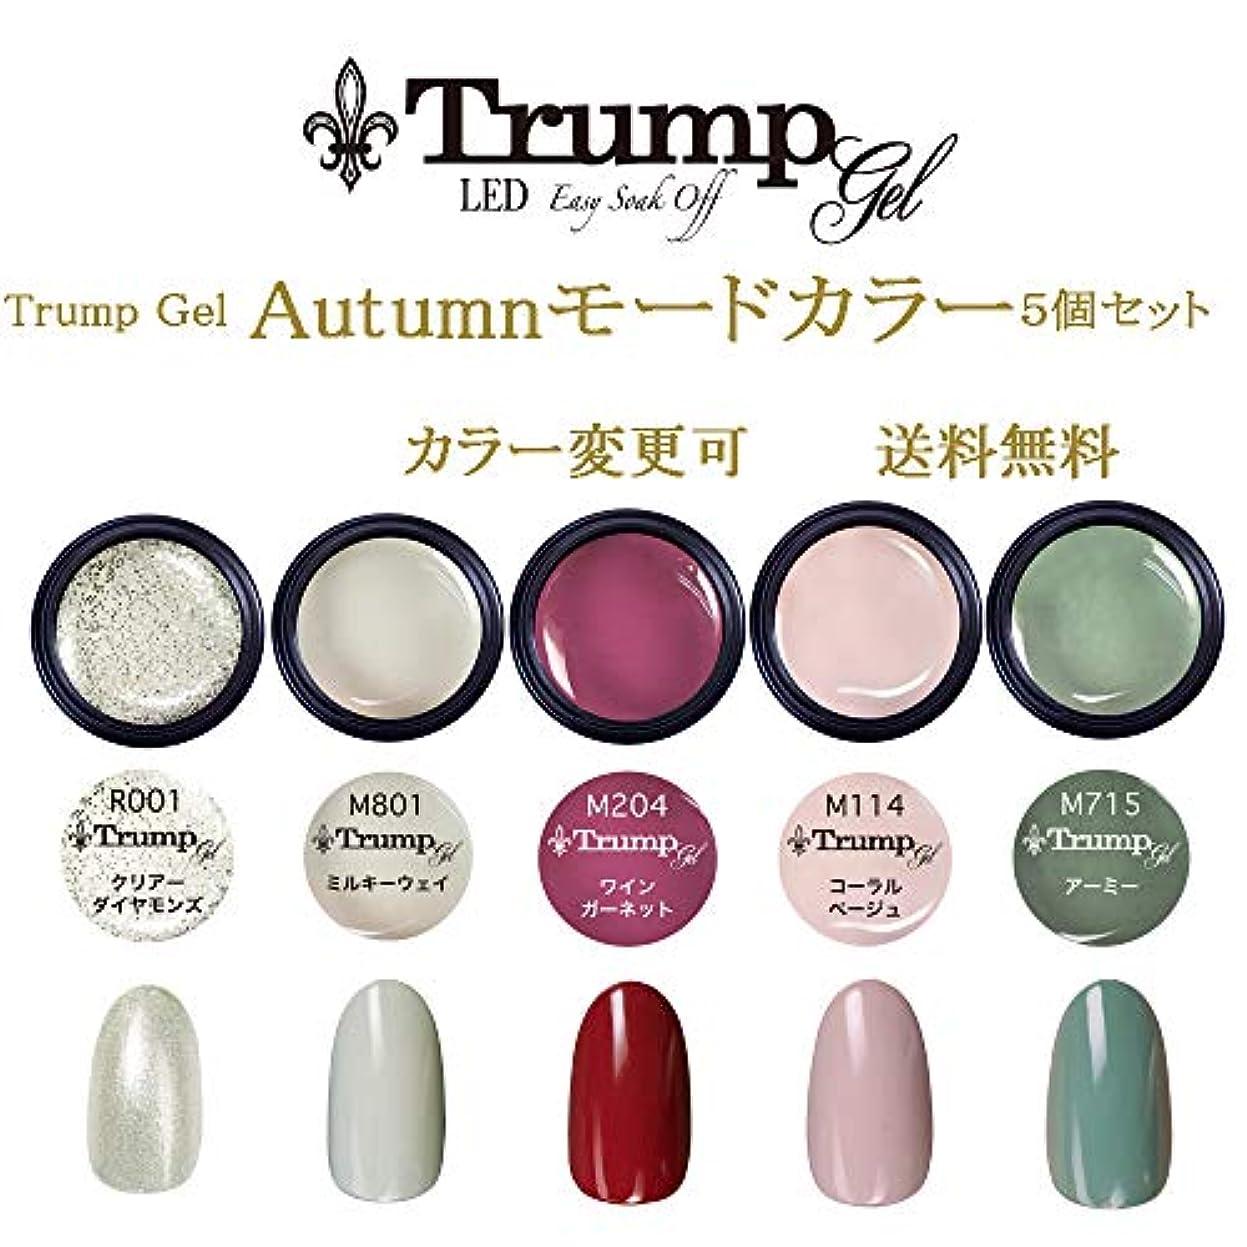 応用予測子来て【送料無料】日本製 Trump gel トランプジェル オータムモード カラー 選べる カラージェル 5個セット 秋ネイル ベージュ ボルドー カーキ ラメ カラー